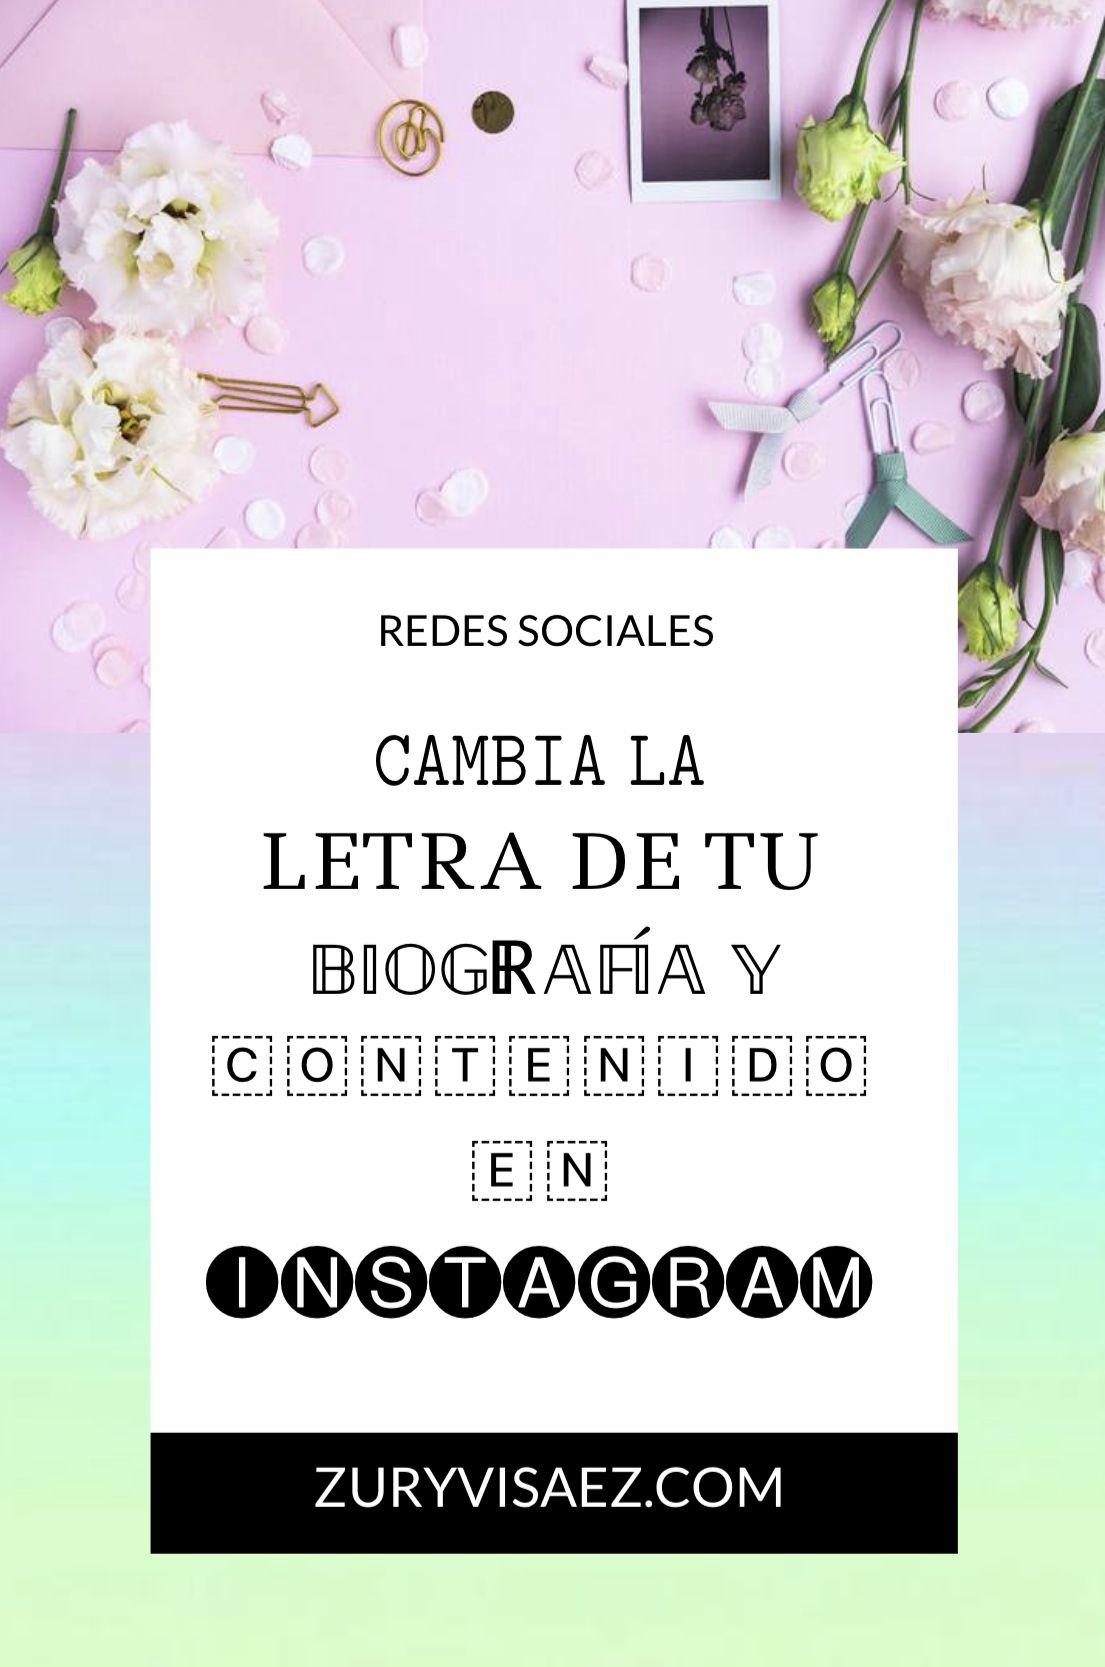 Cambia La Letra De Tu Biografía Y Contenido En Instagram Frases Para Biografía De Instagram Bio De Instagram Letra De Cambio